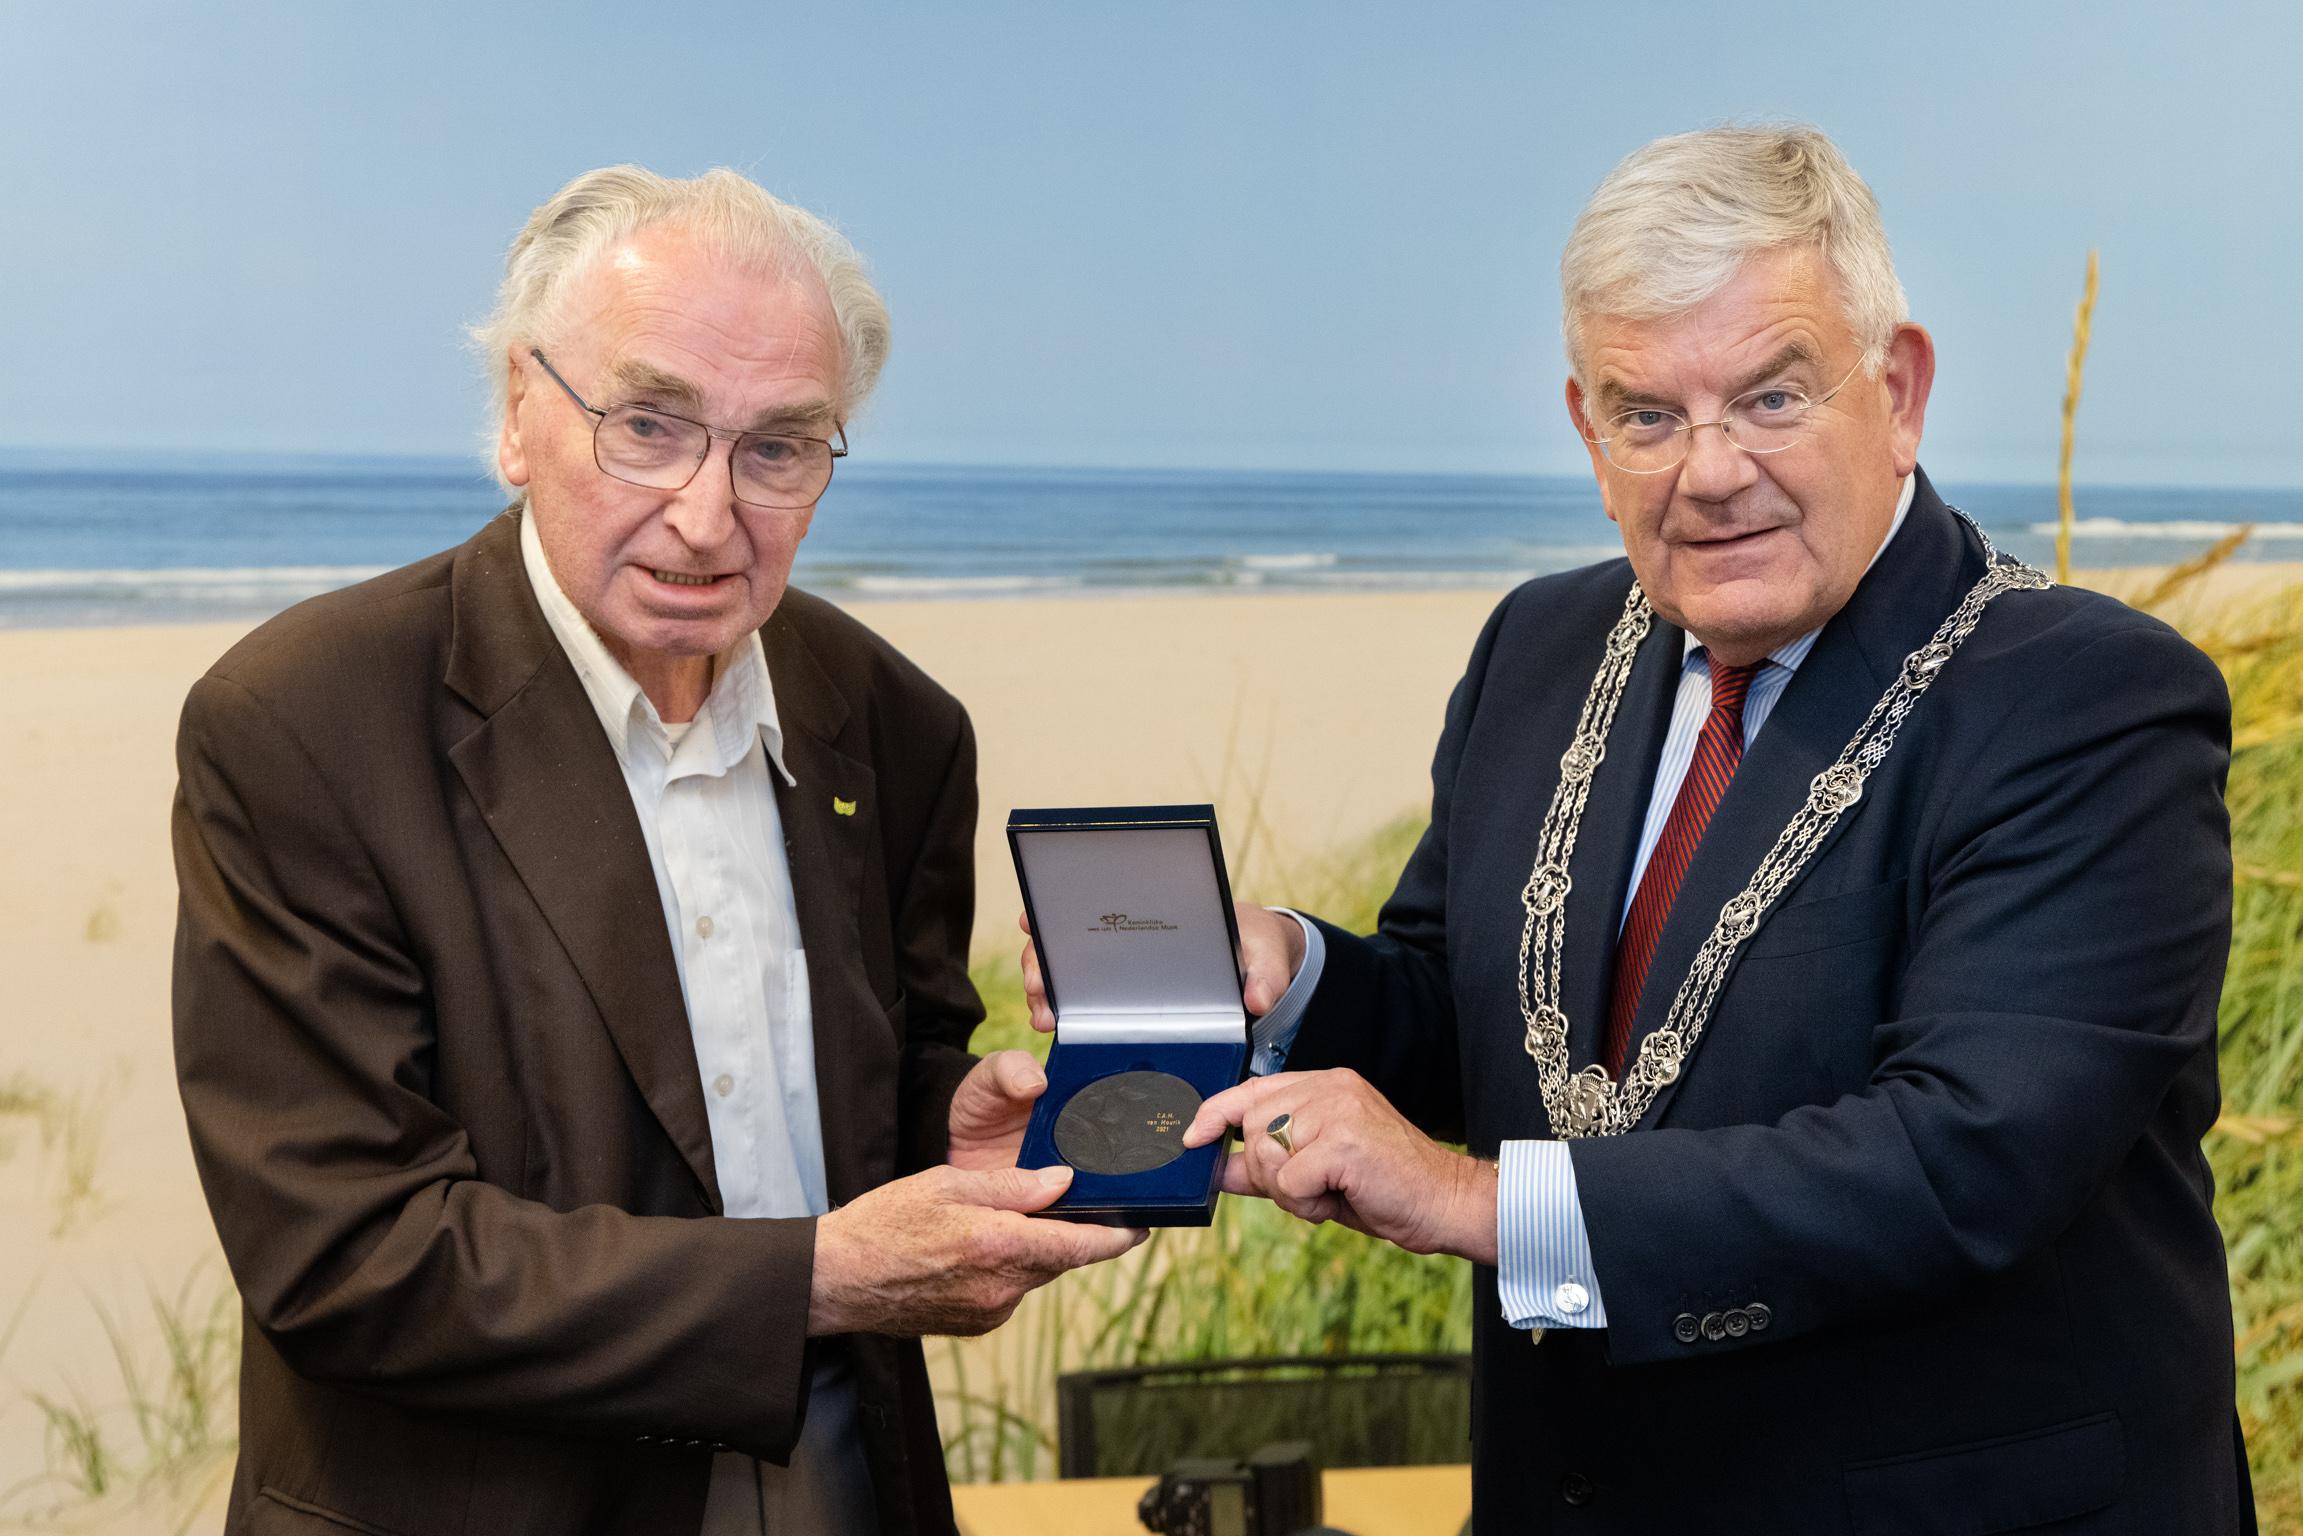 Uitreiking stadspenning burgemeester Jan van Zanen. Foto: Michel Heerkens